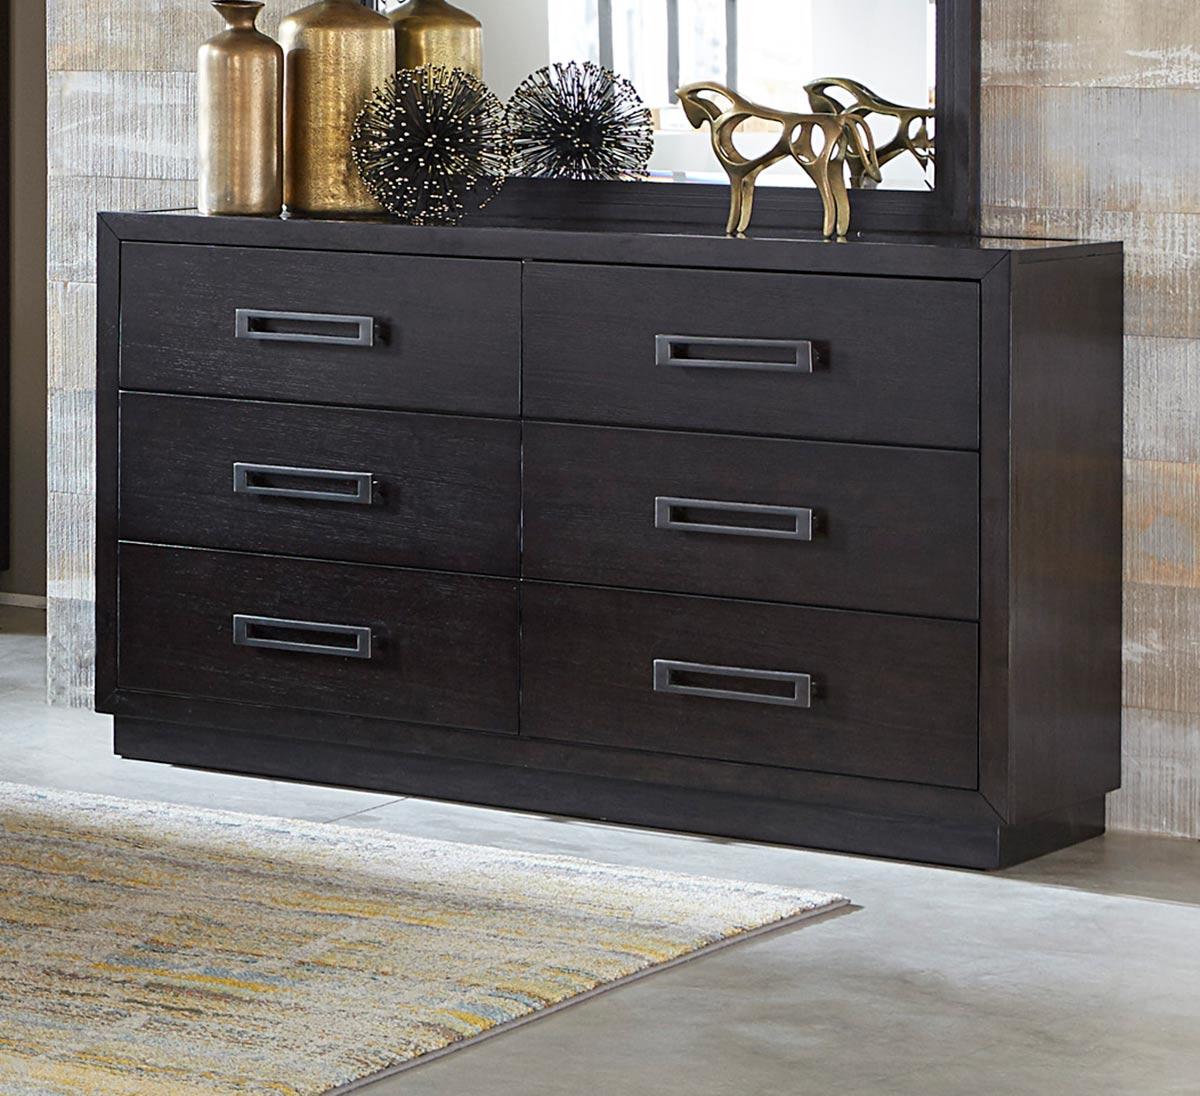 Homelegance Larchmont Dresser - Charcoal Finish over Ash Veneer